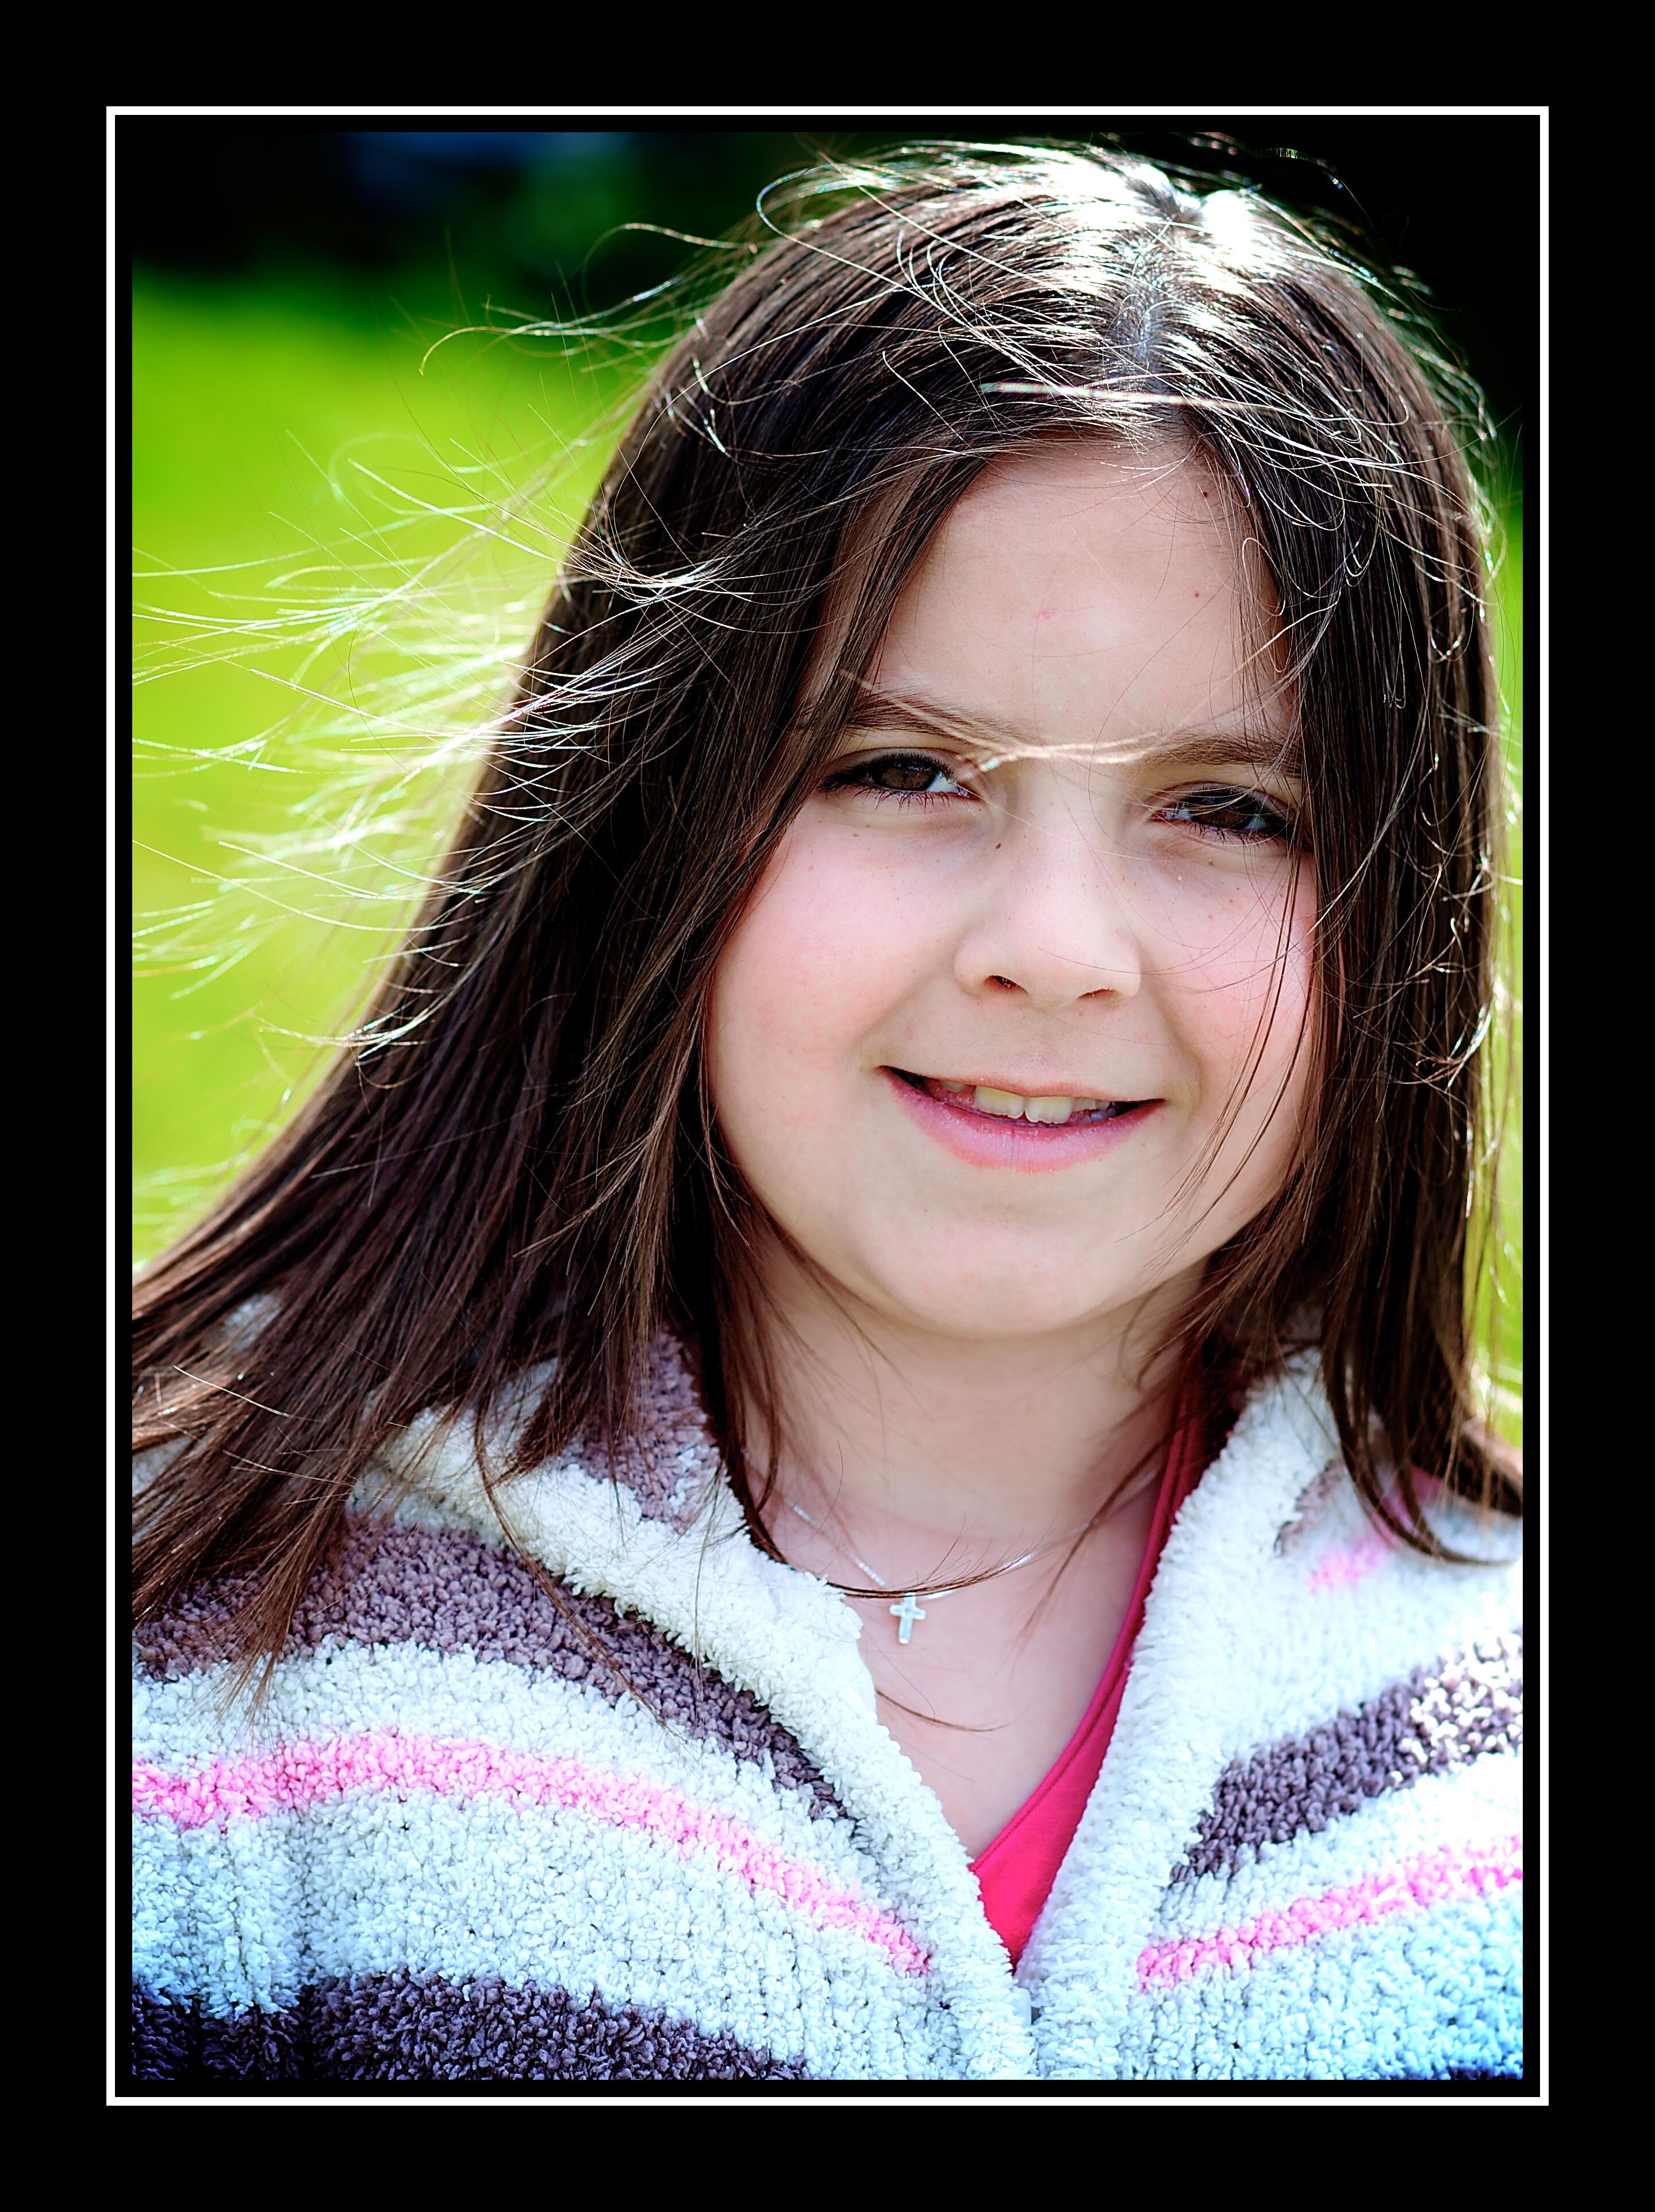 charis9april